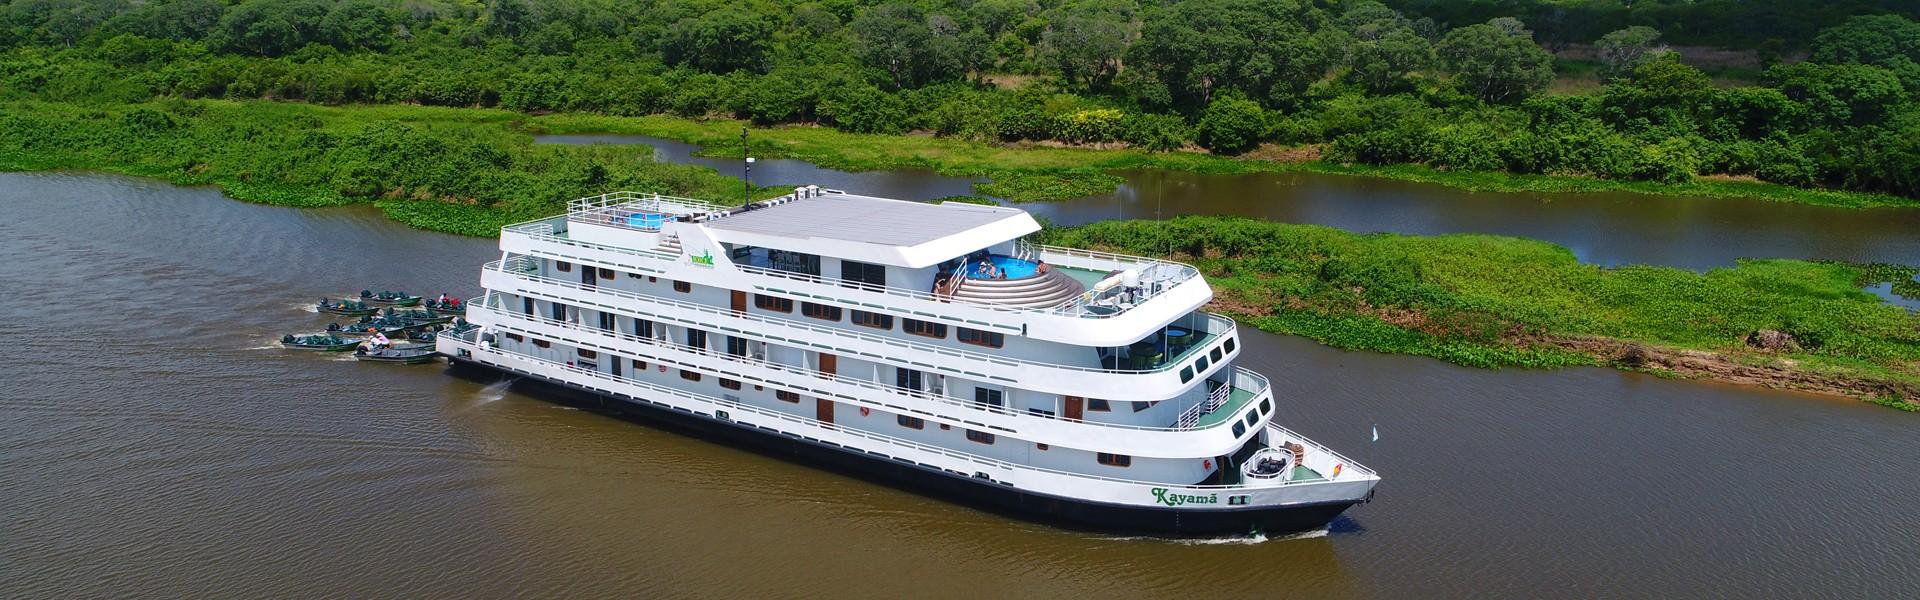 Barco-hotéis ganham classificação específica dentro do Cadastur do Ministério do Turismo